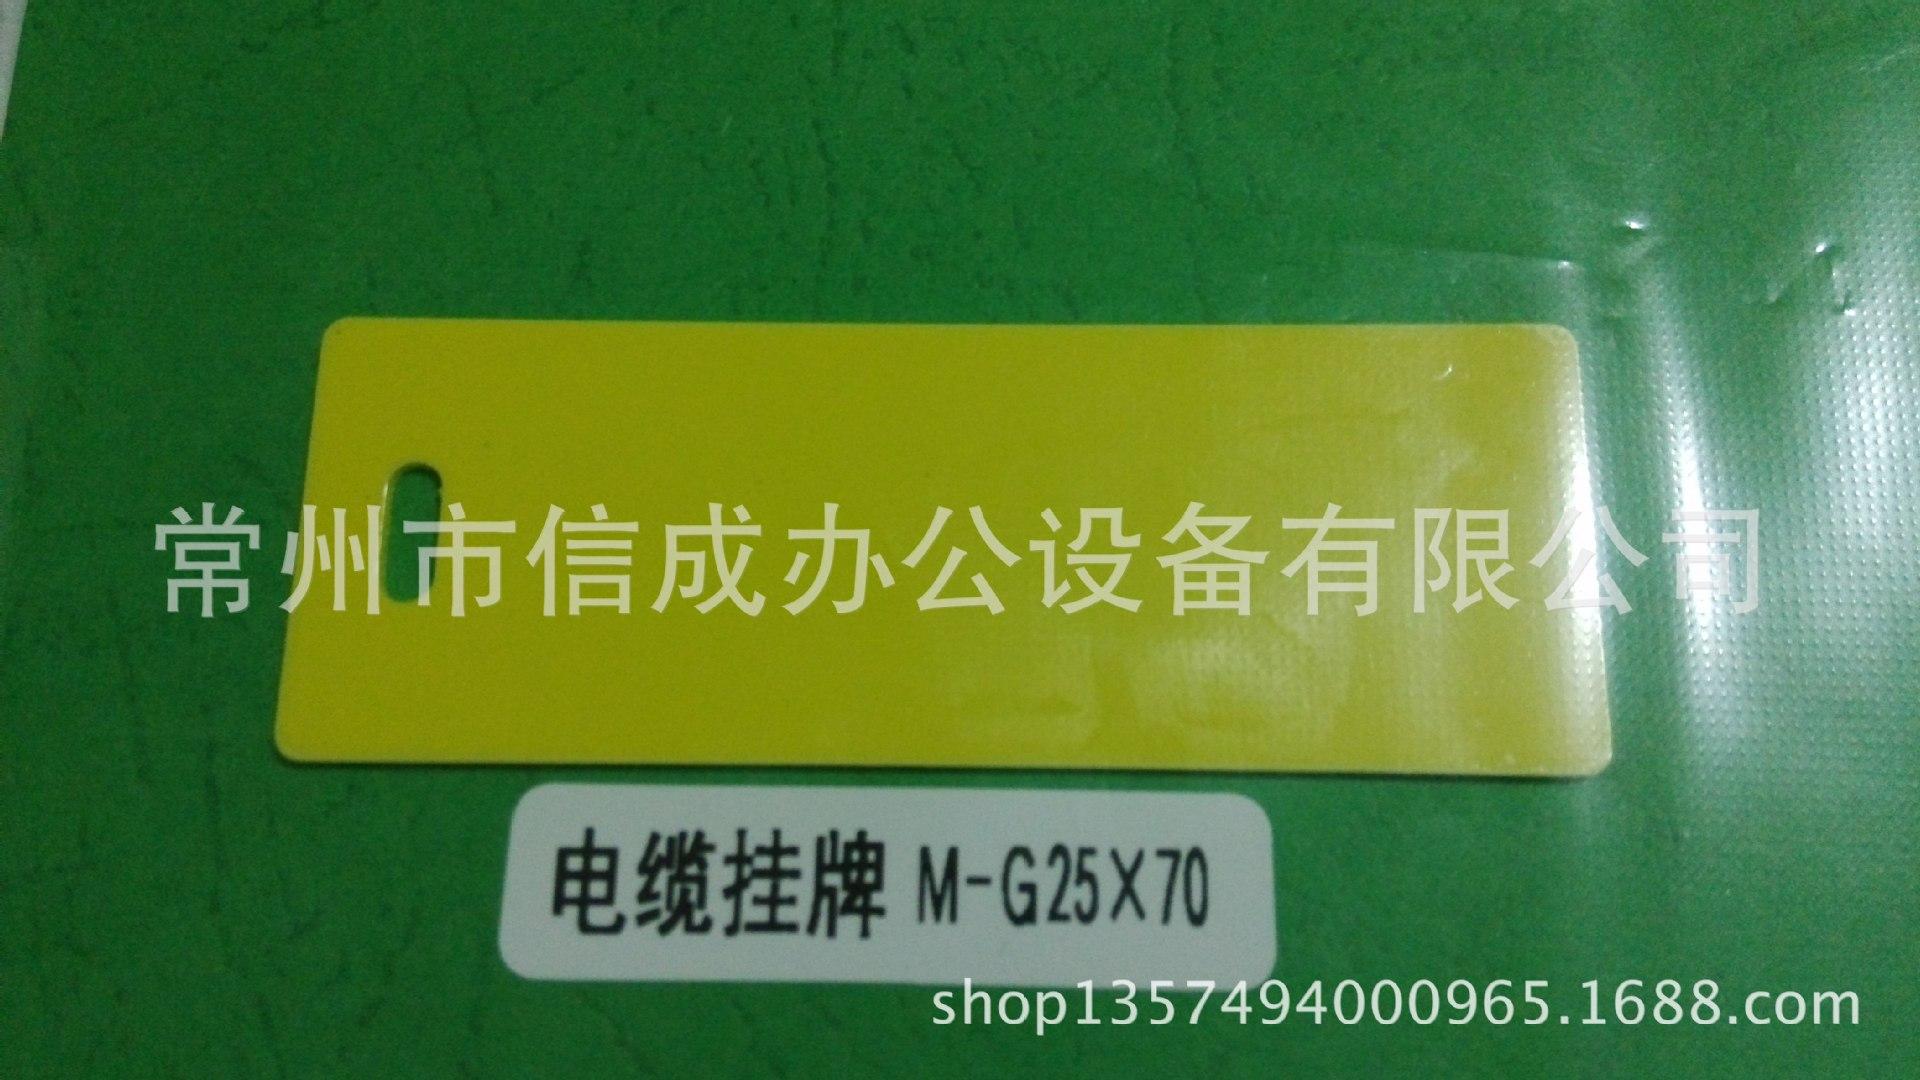 电力标识牌 警示标牌  电缆记号牌  2570PVC黄色红色蓝色挂牌标牌